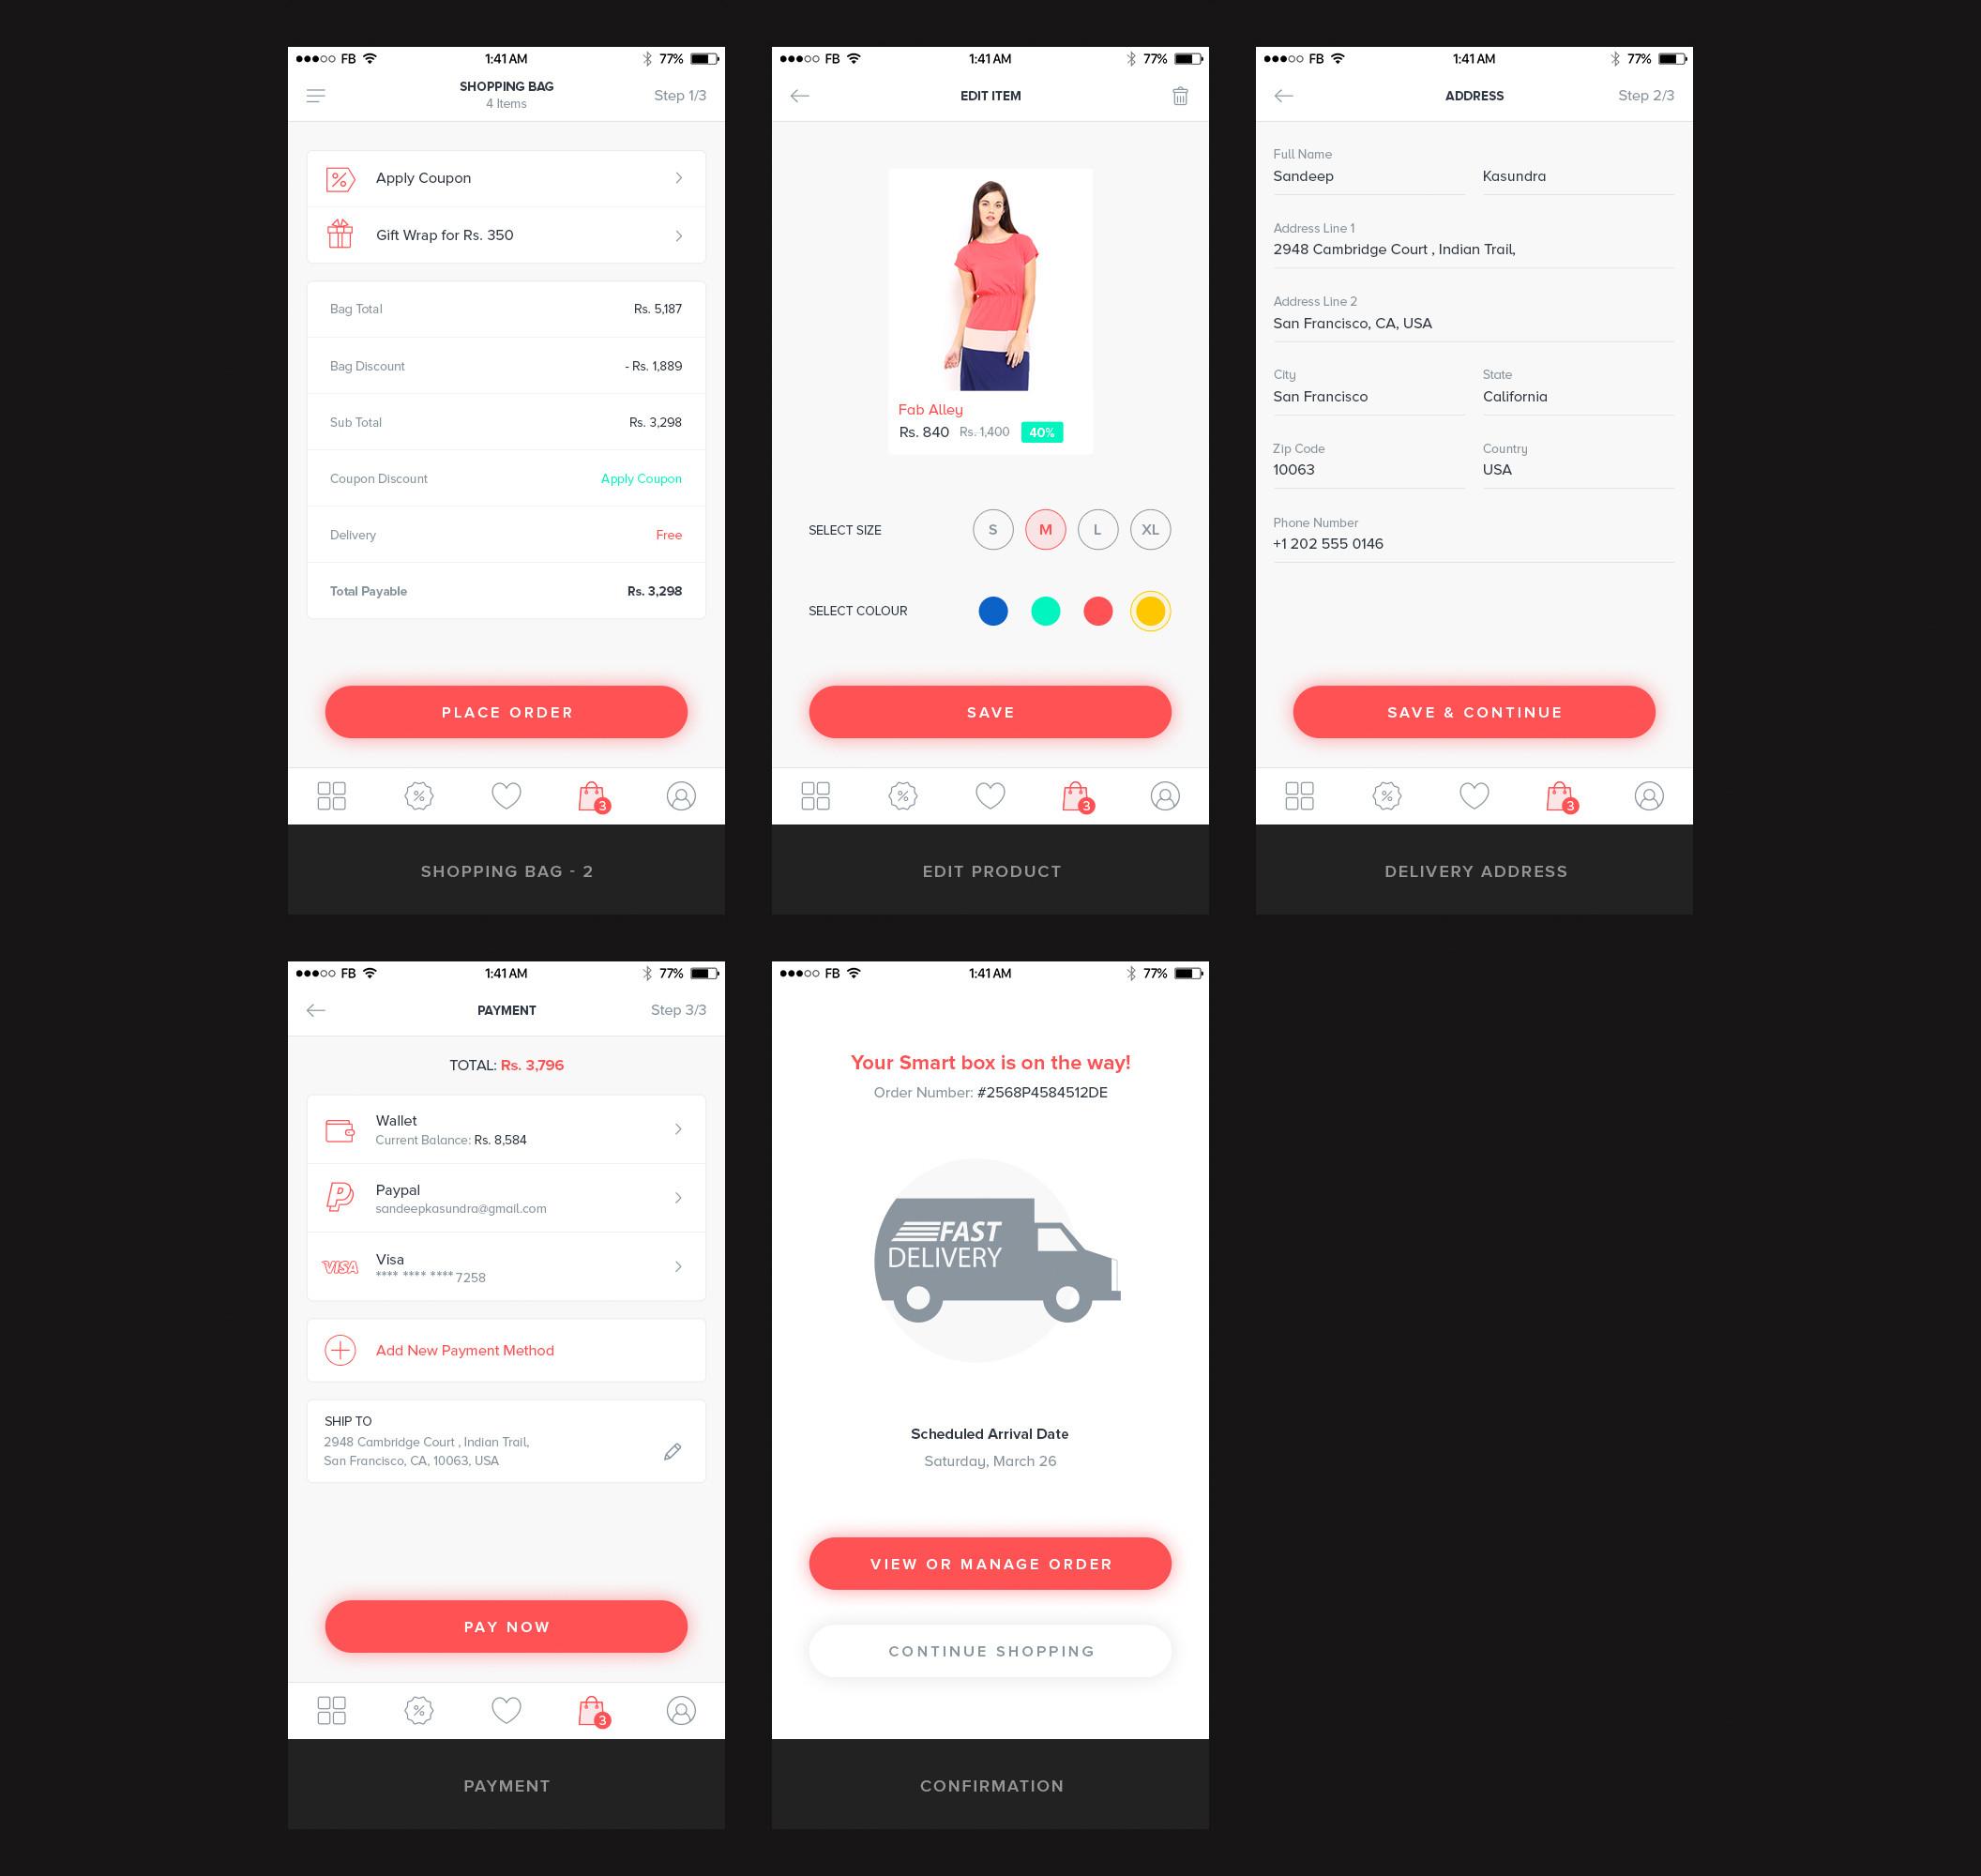 一个专业简洁的电商购物完整Ui界面设计 psd素材下载 界面-第5张